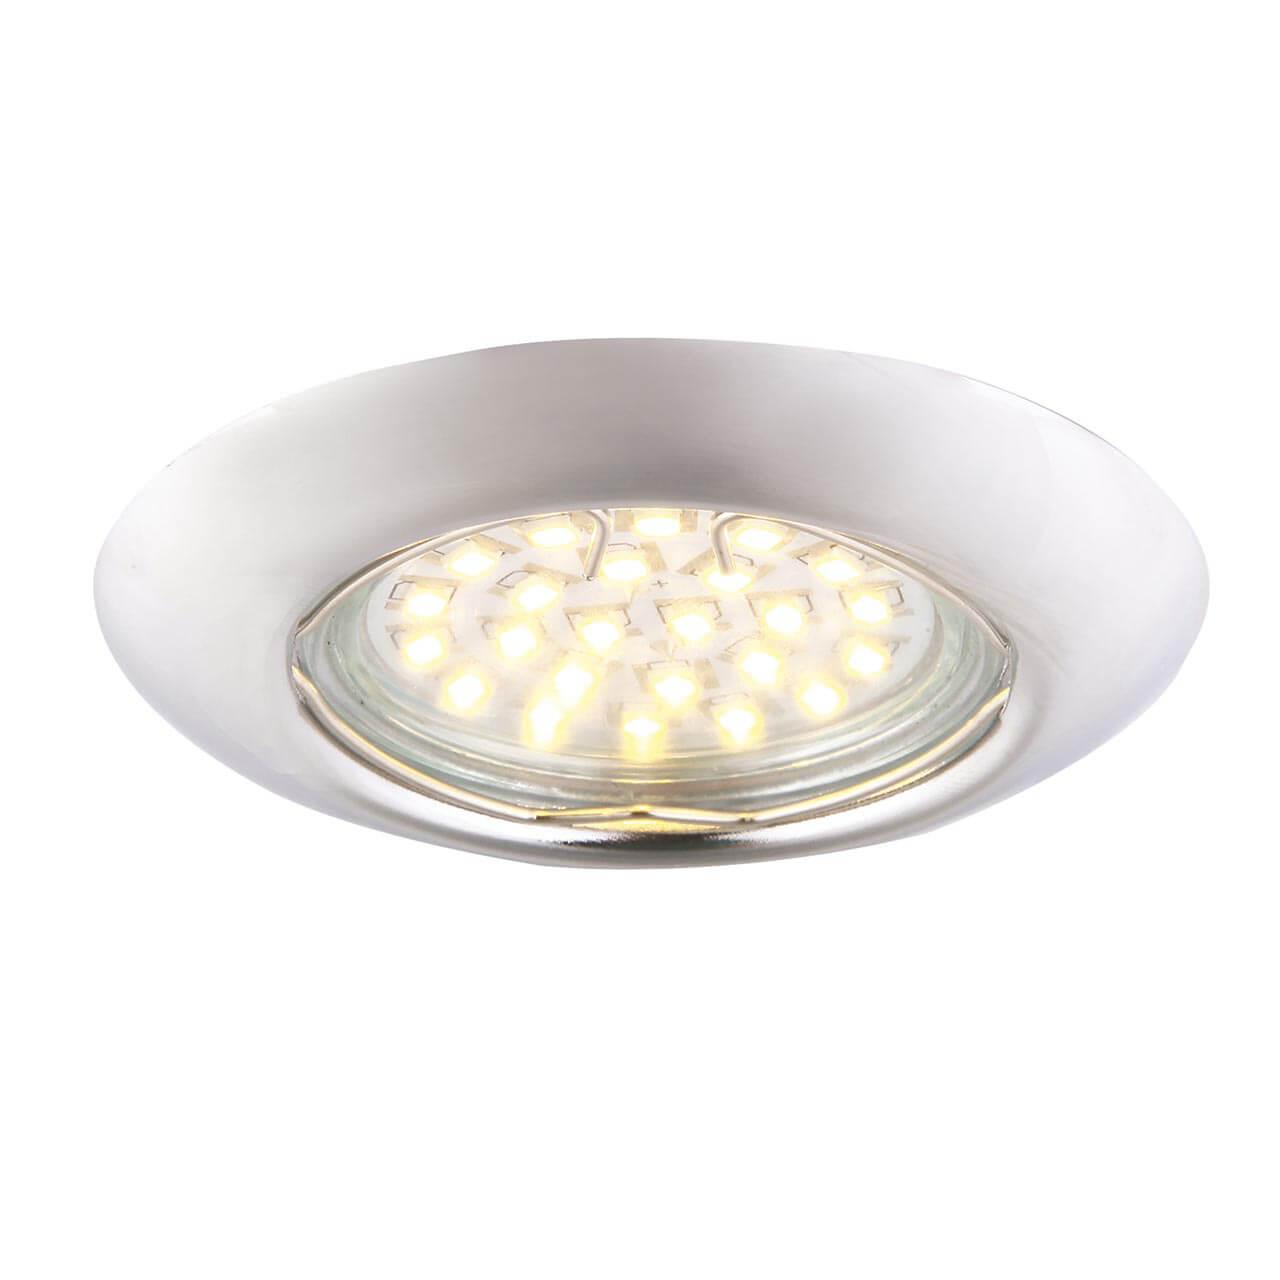 Встраиваемый светильник Arte Lamp LED Praktisch (компл. 3шт.) A1223PL-3CC цена 2017